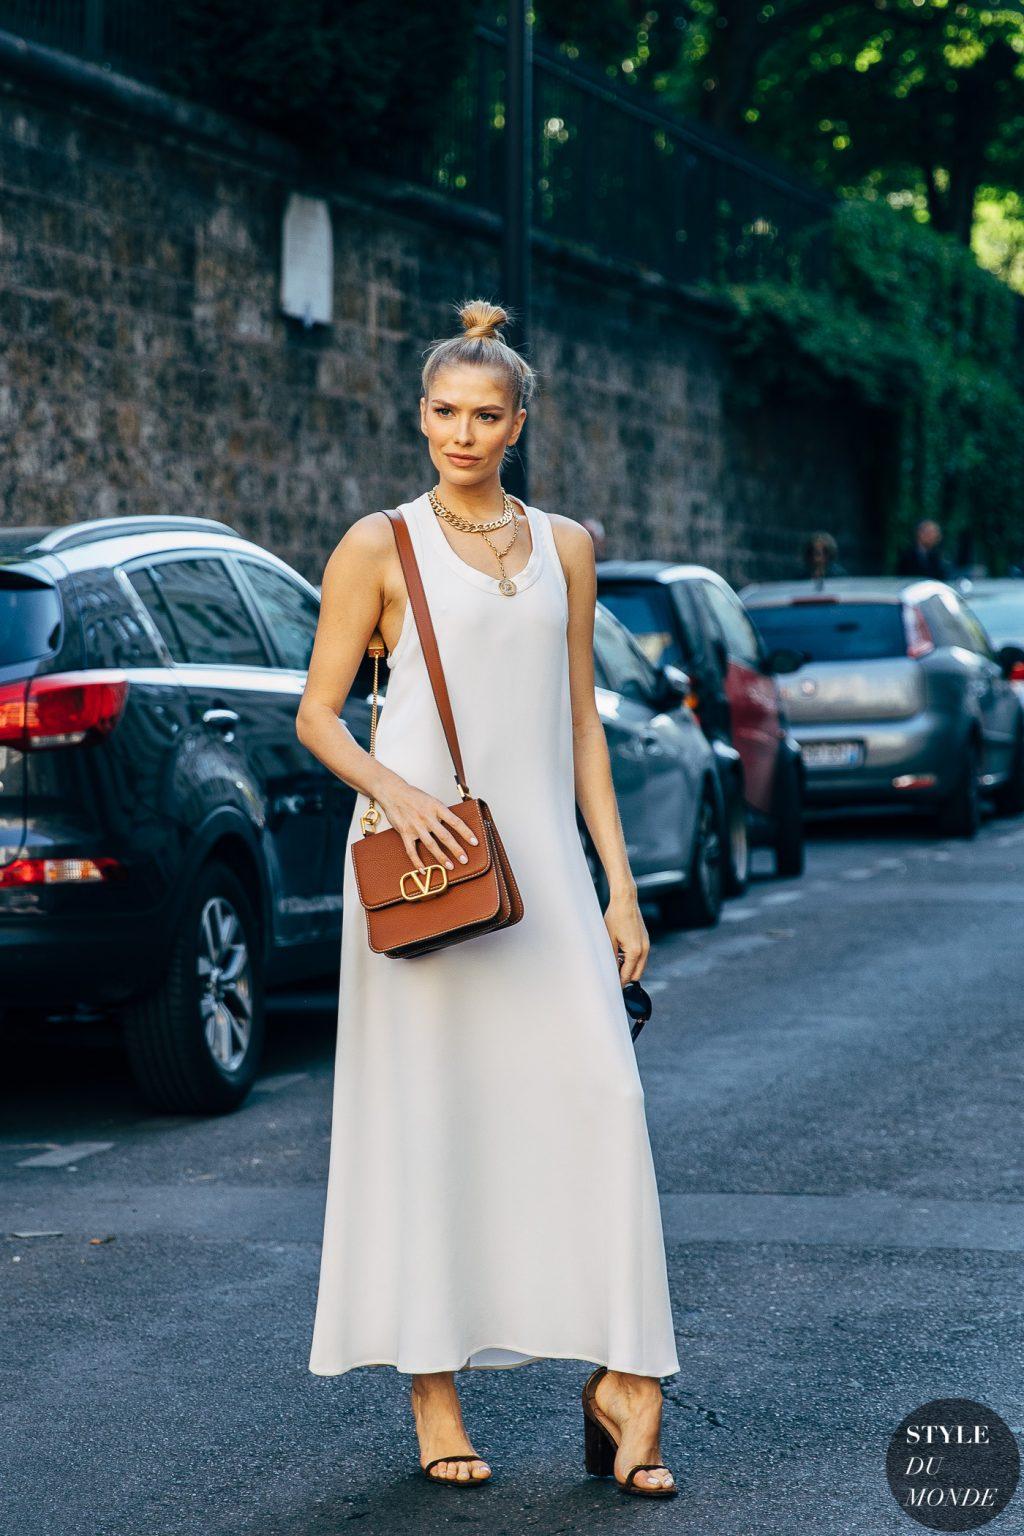 Fashionista mặc váy dài màu trắng mang túi nâu